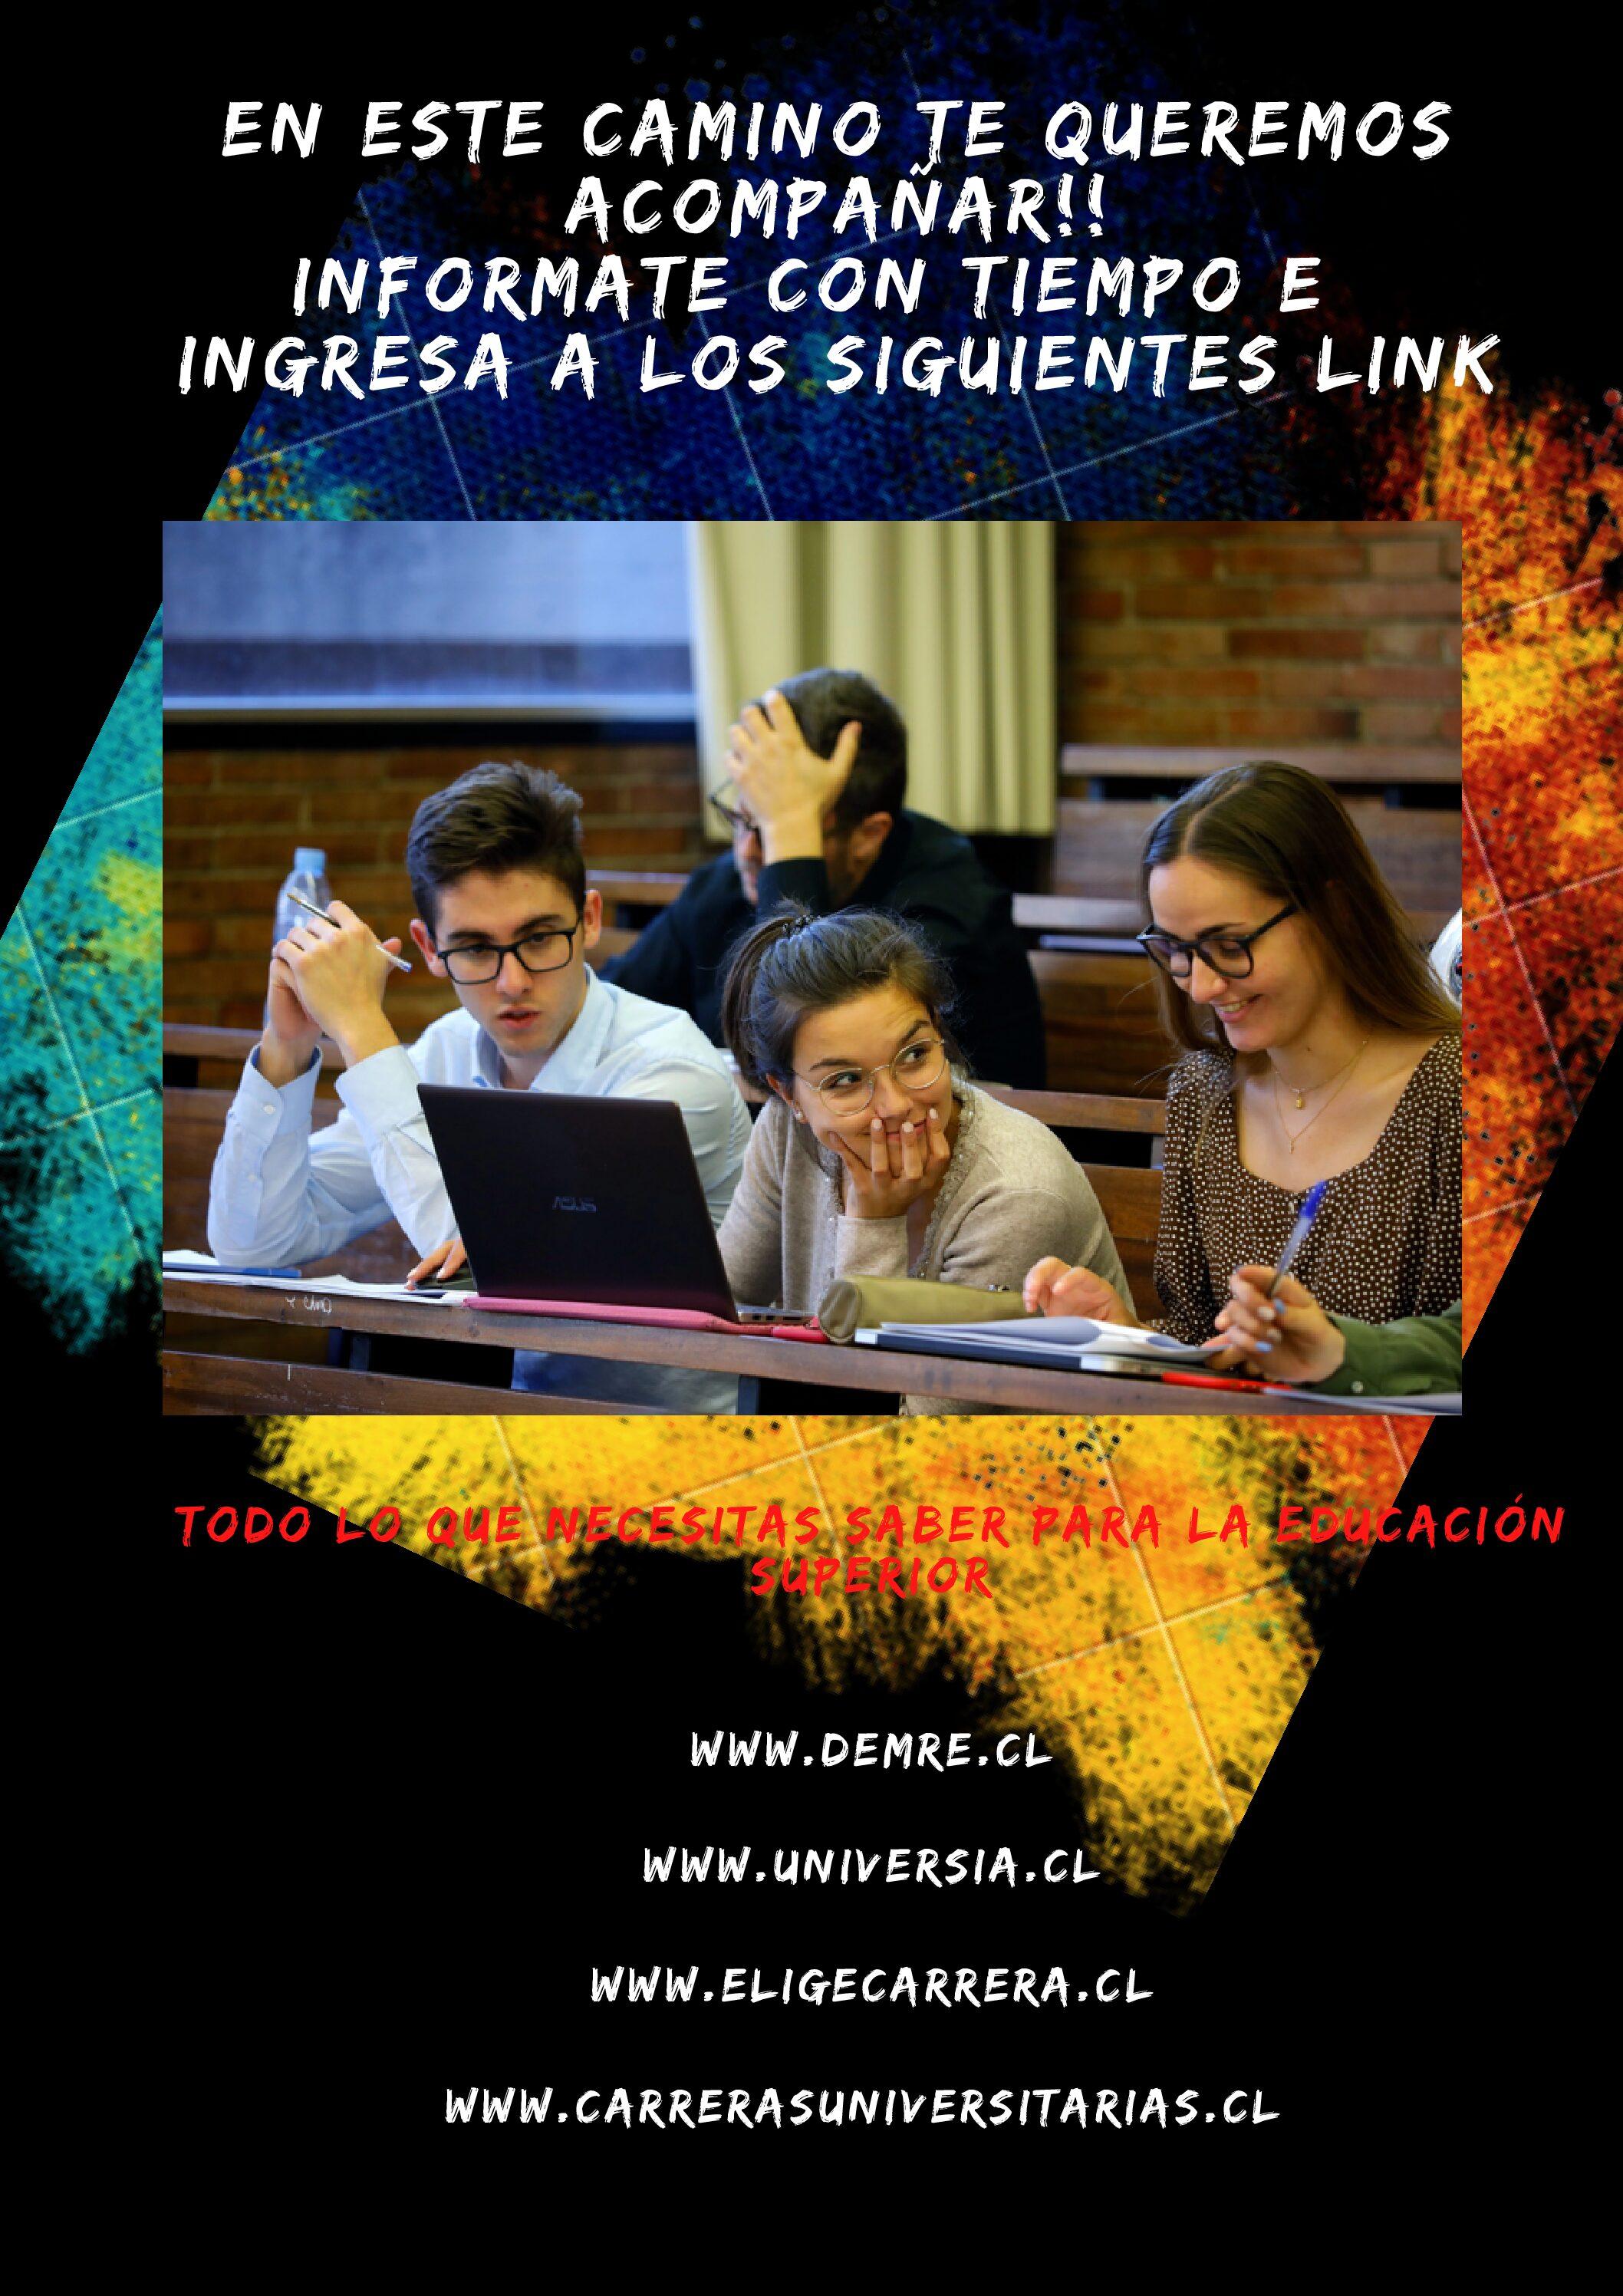 Información Carreras Educación Superior